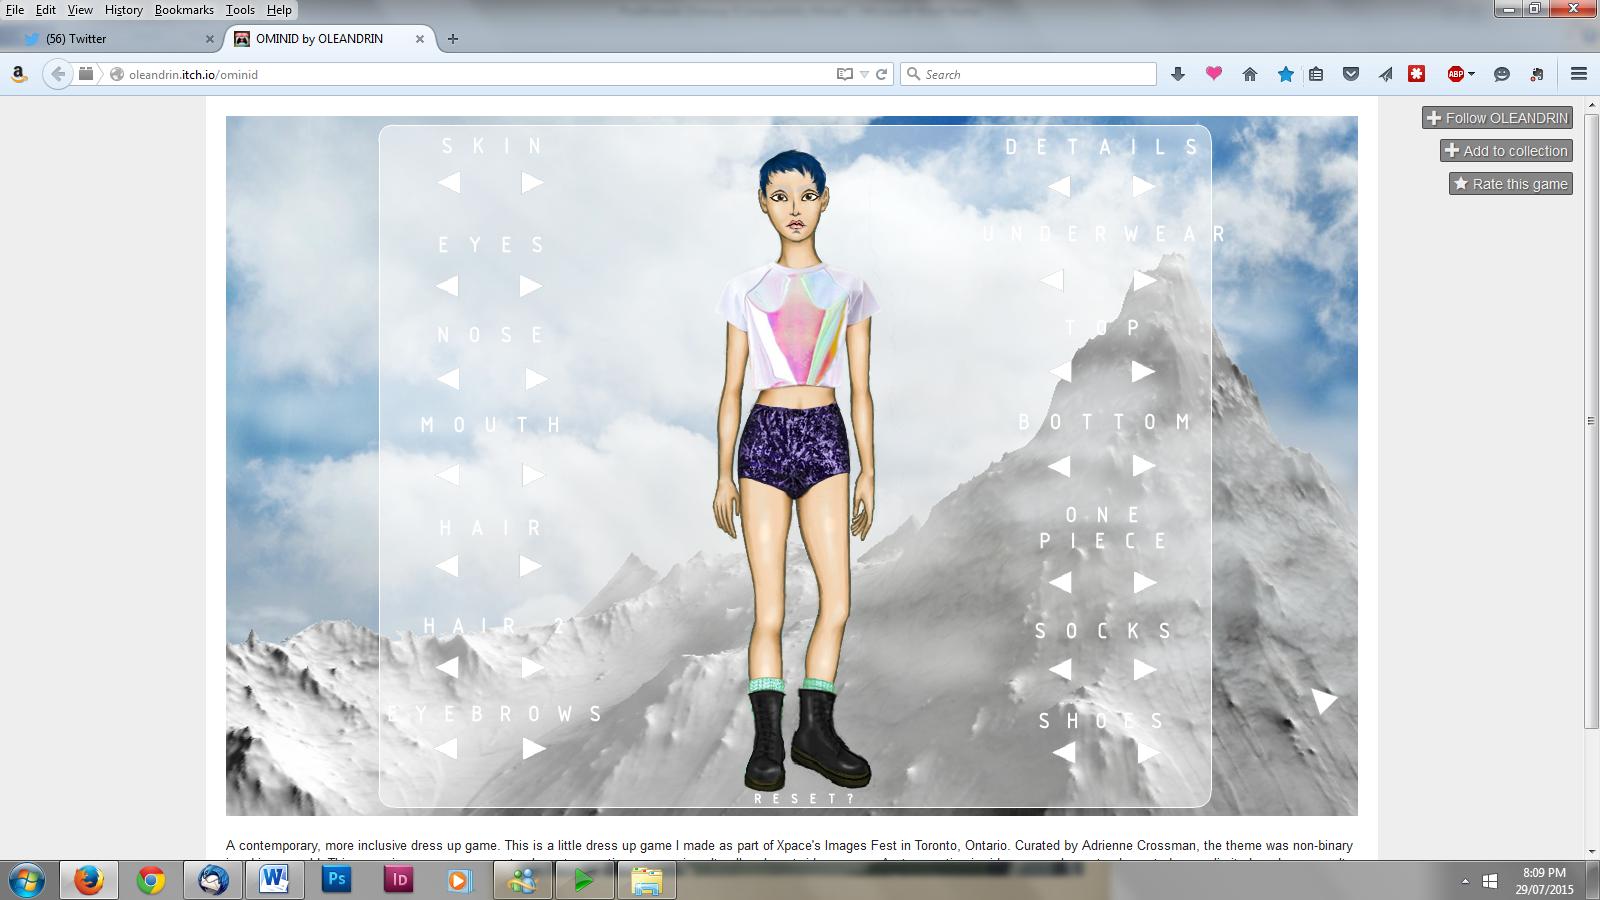 Cross cross dresser dressing transvestite